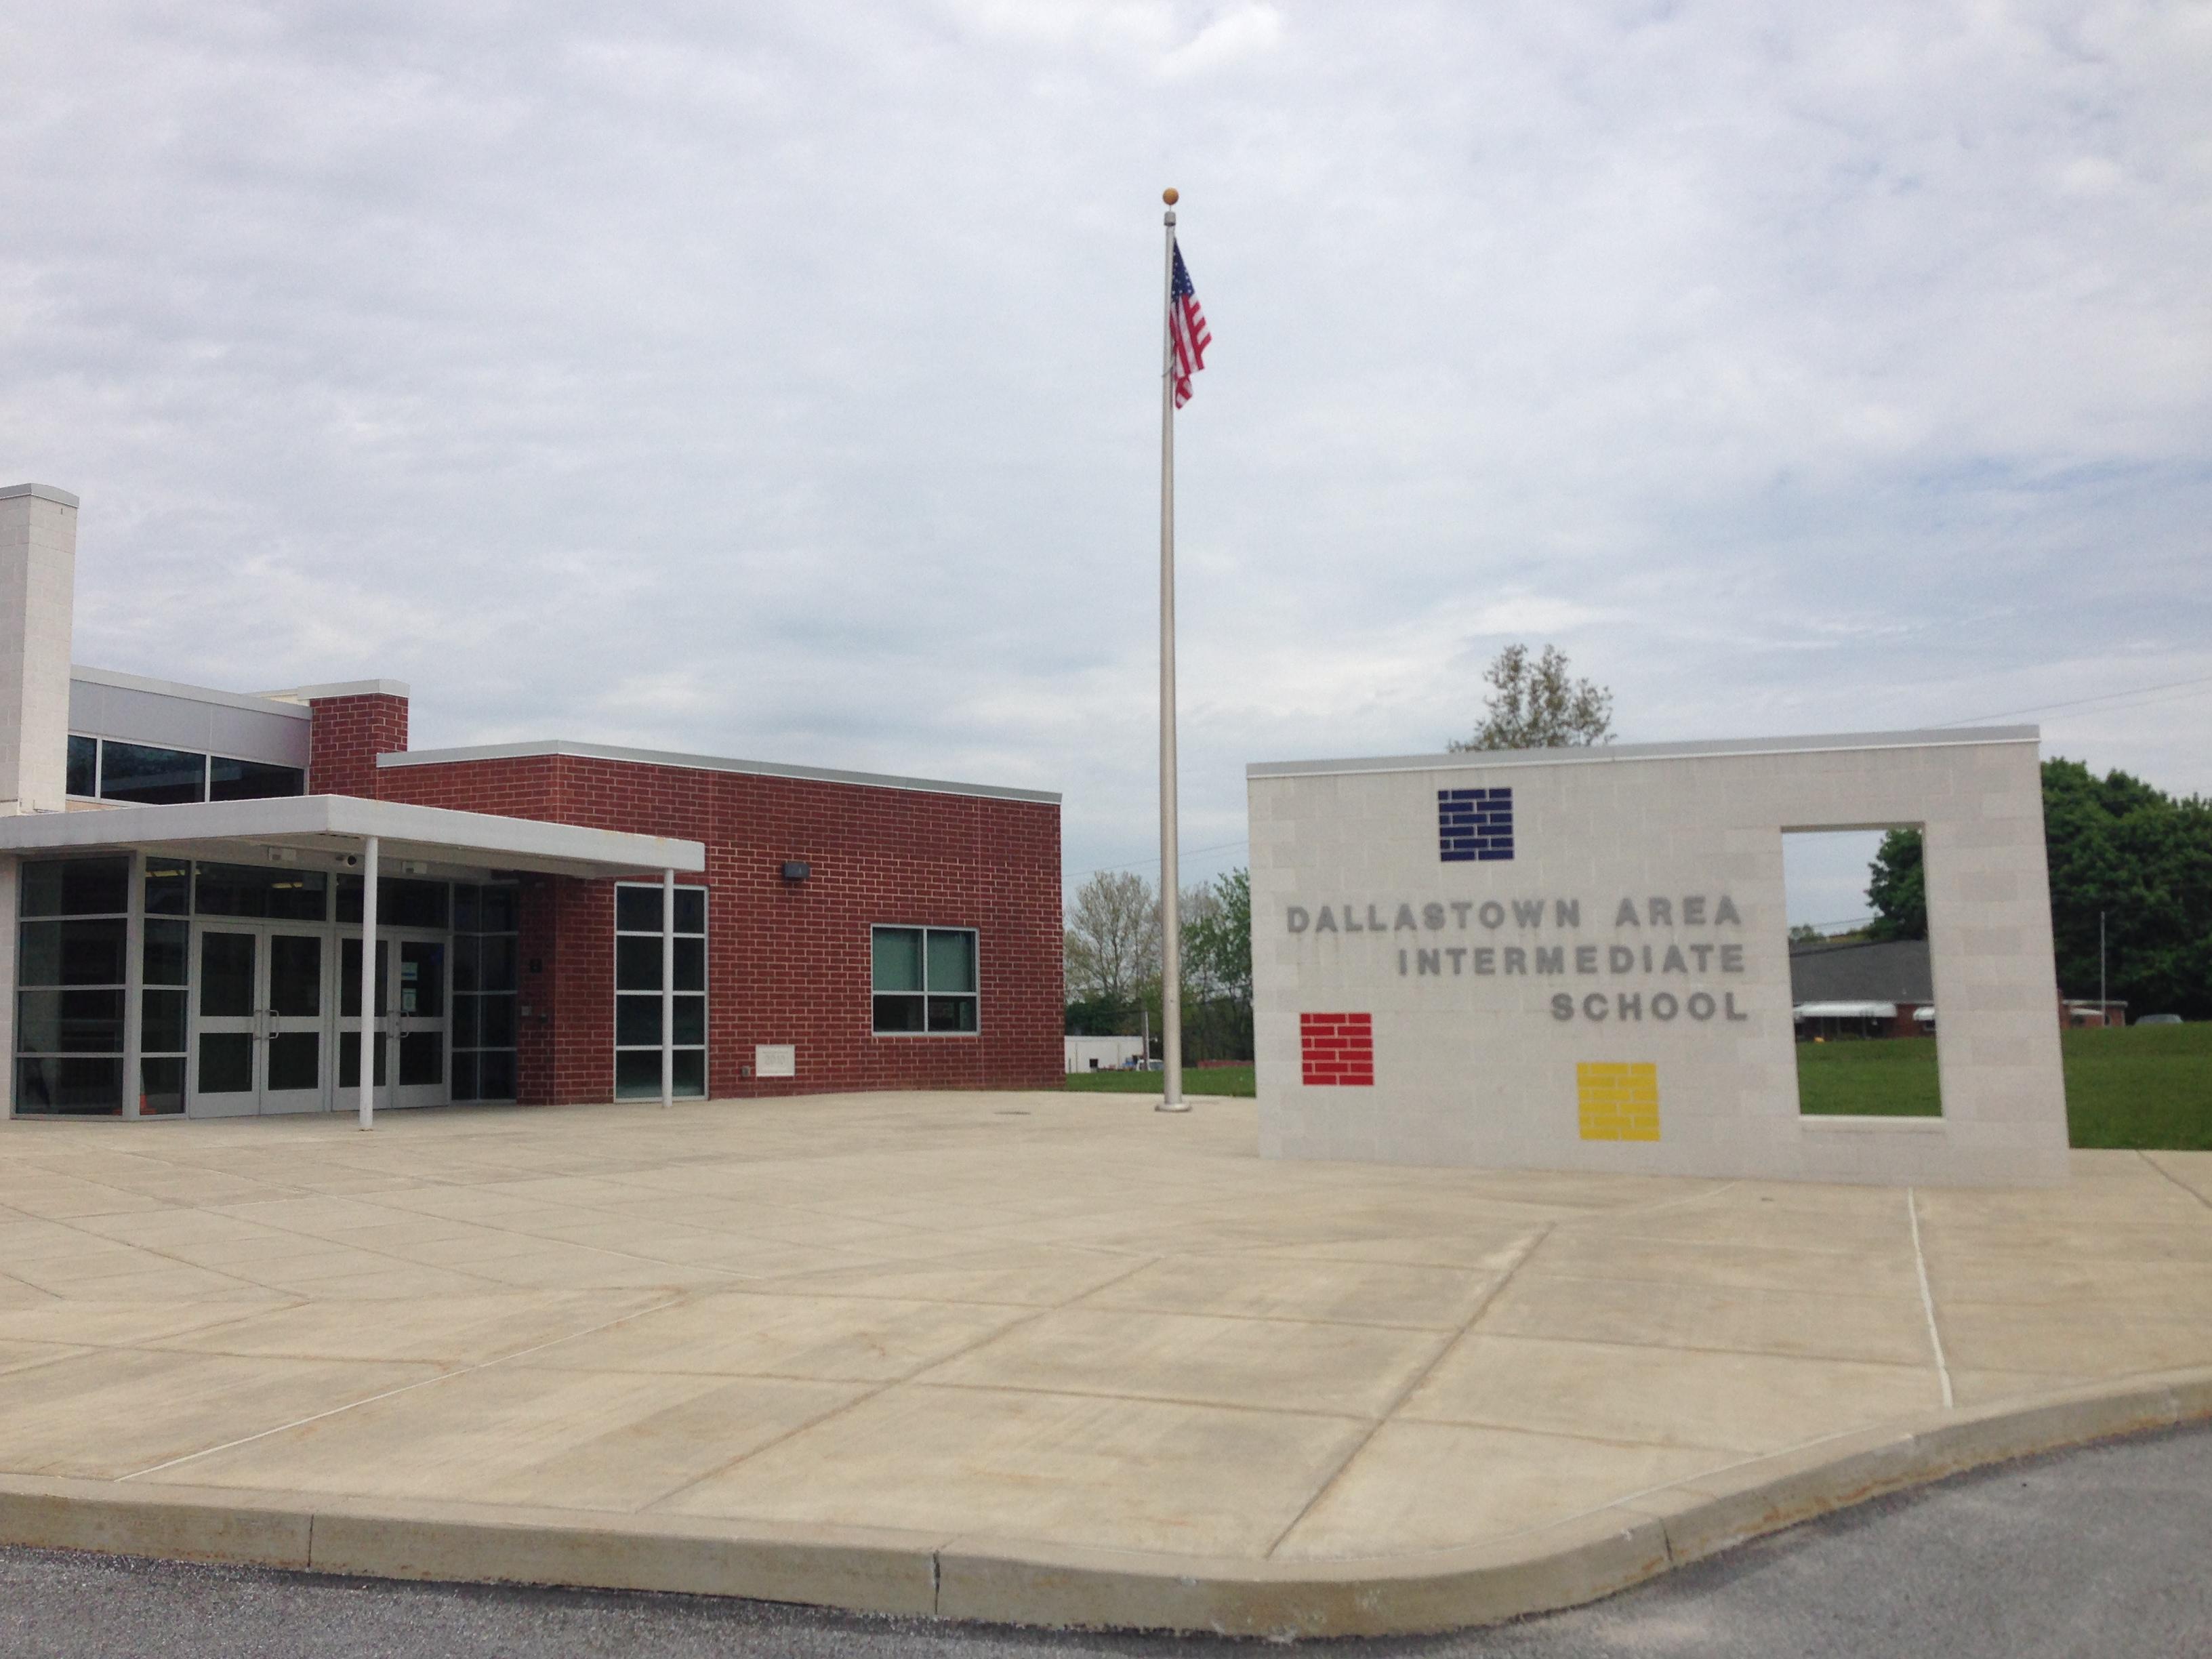 Dallastown_Intermediate_School_photo.jpg